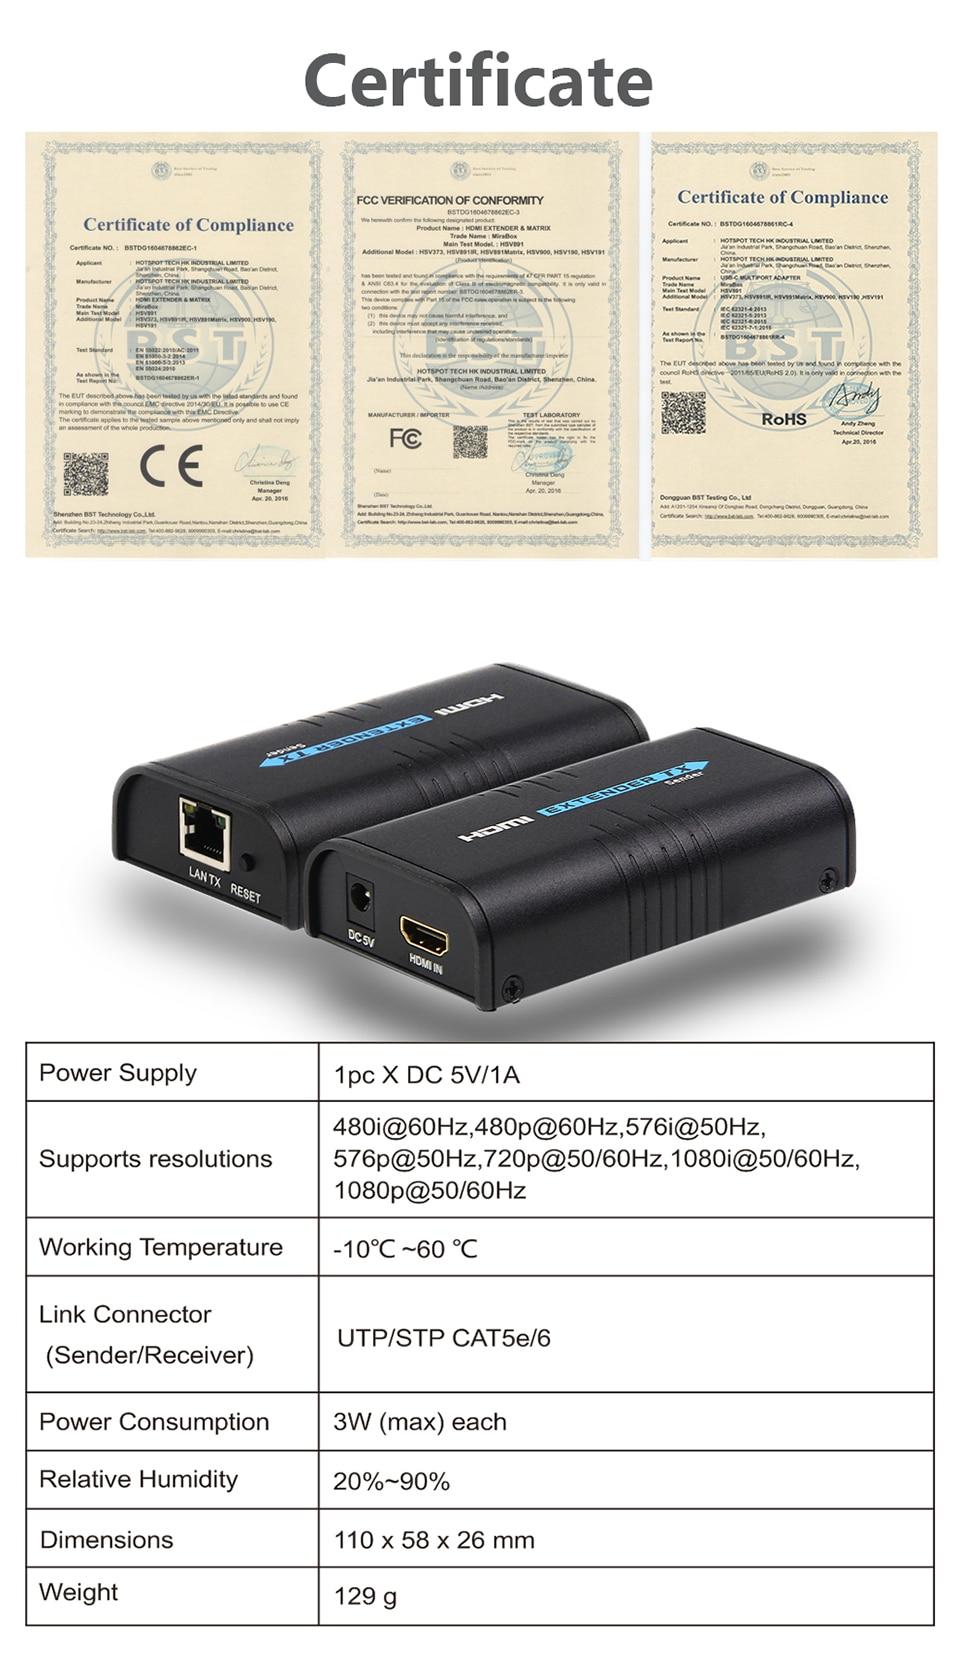 hdmi extender 120m Over Ethernet tcpip rj45 cat5 cat5e cat6 HDMI Splitter hdmi extender Transmitter Receiver for hd DVD PS3 (8)